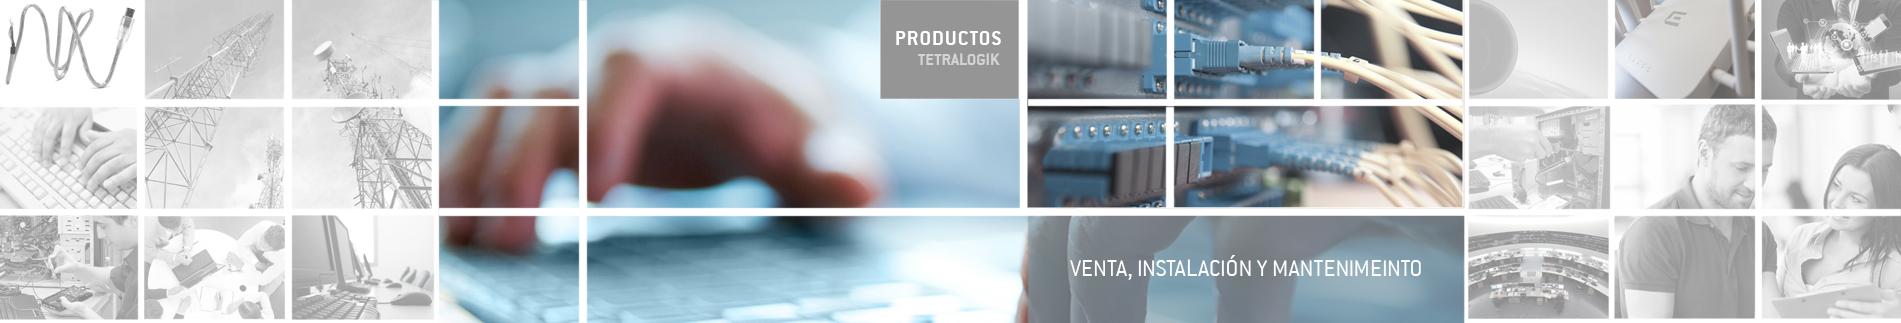 tetralogik productos